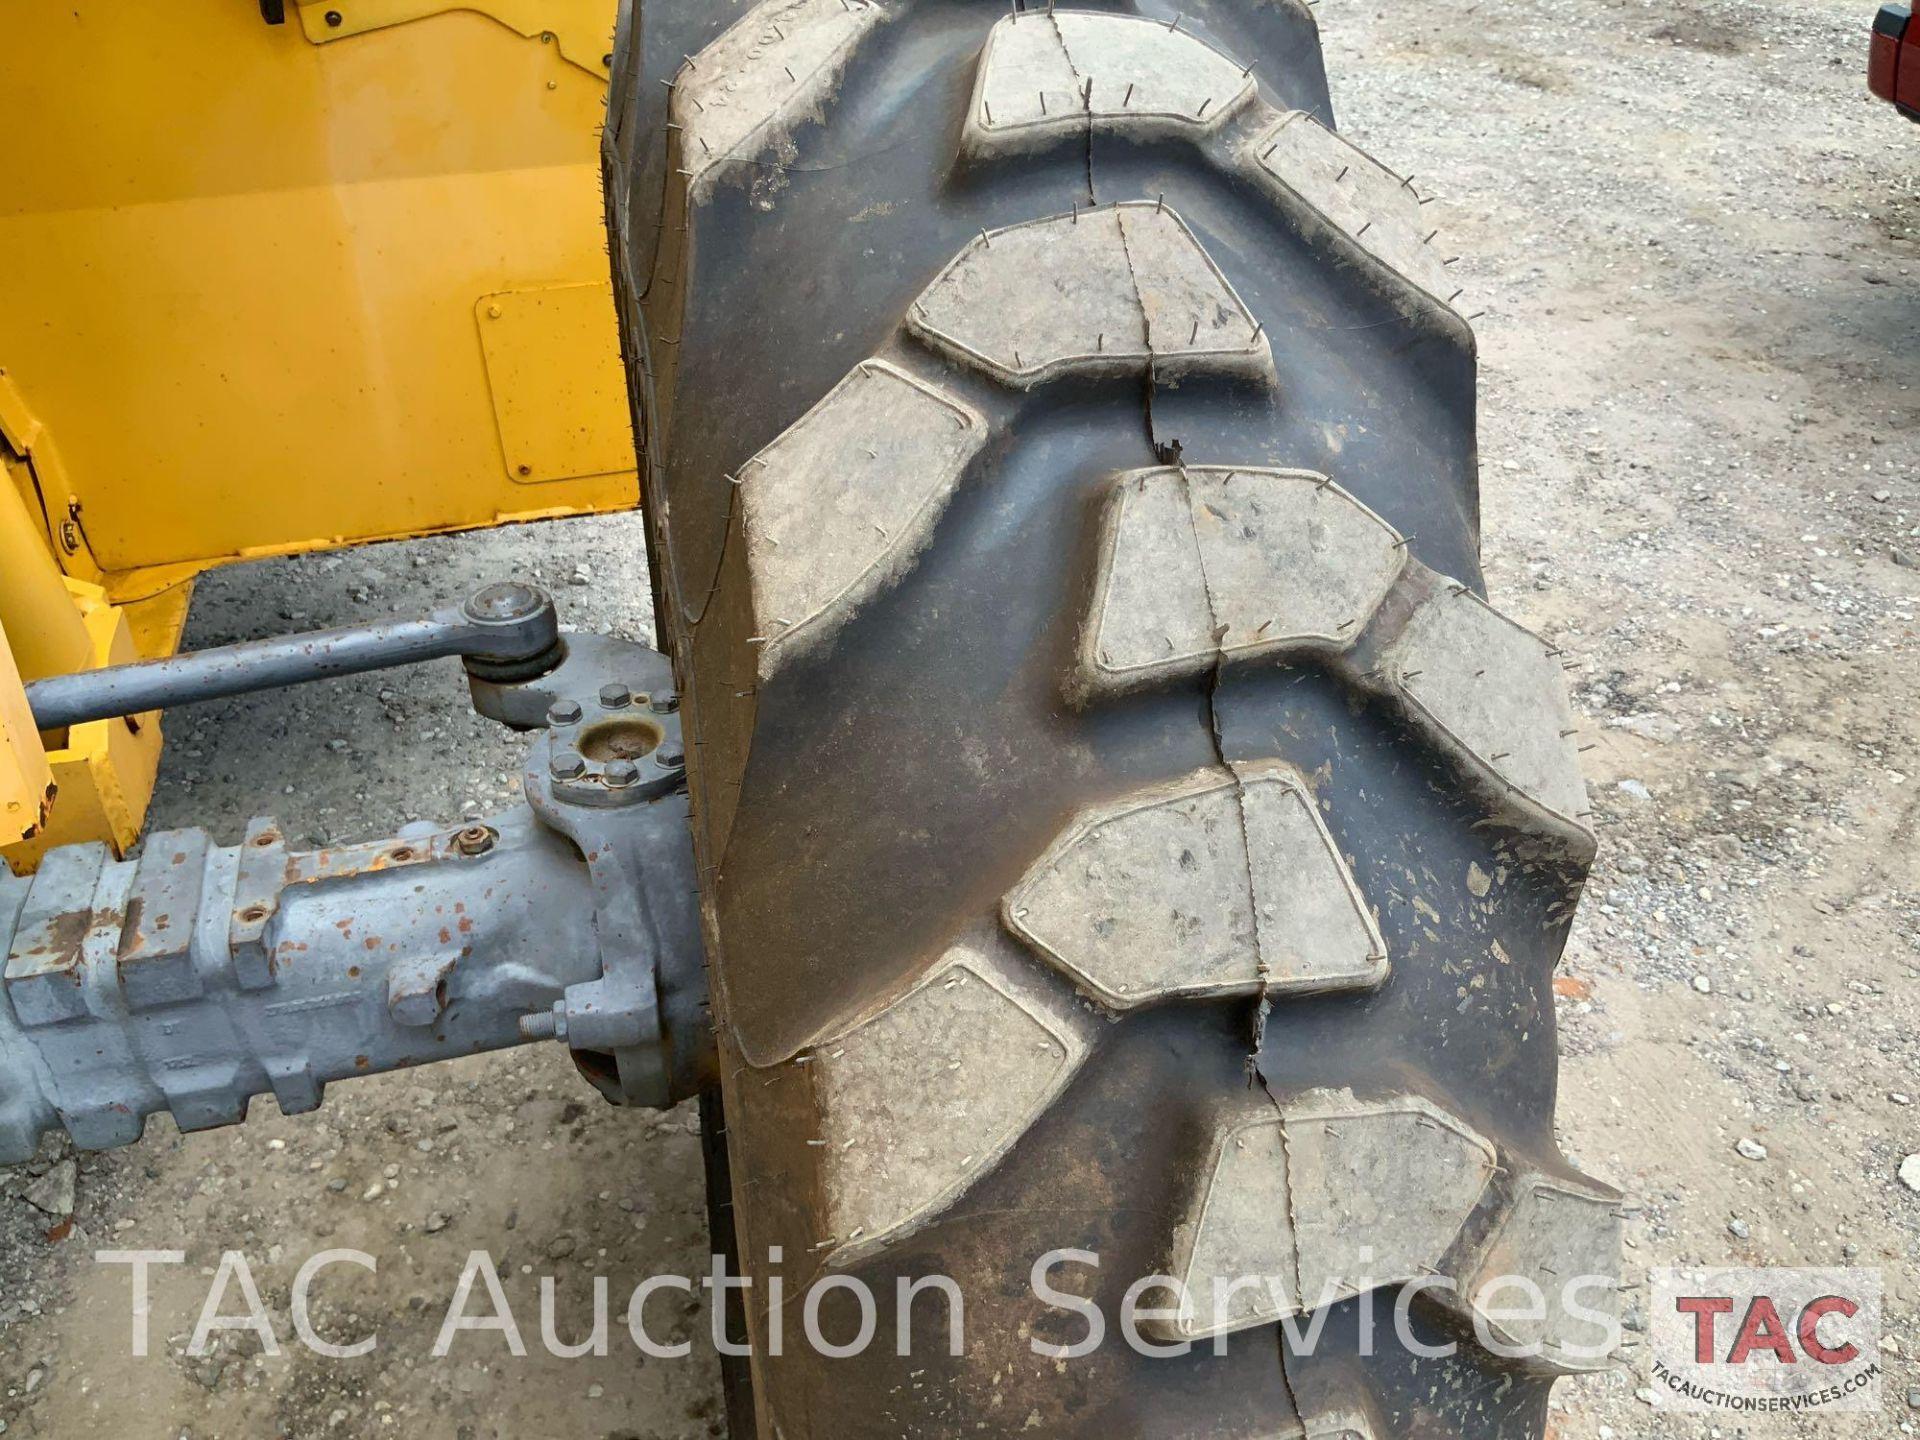 1999 New Holland LM840 Telehandler Forklift - Image 18 of 25